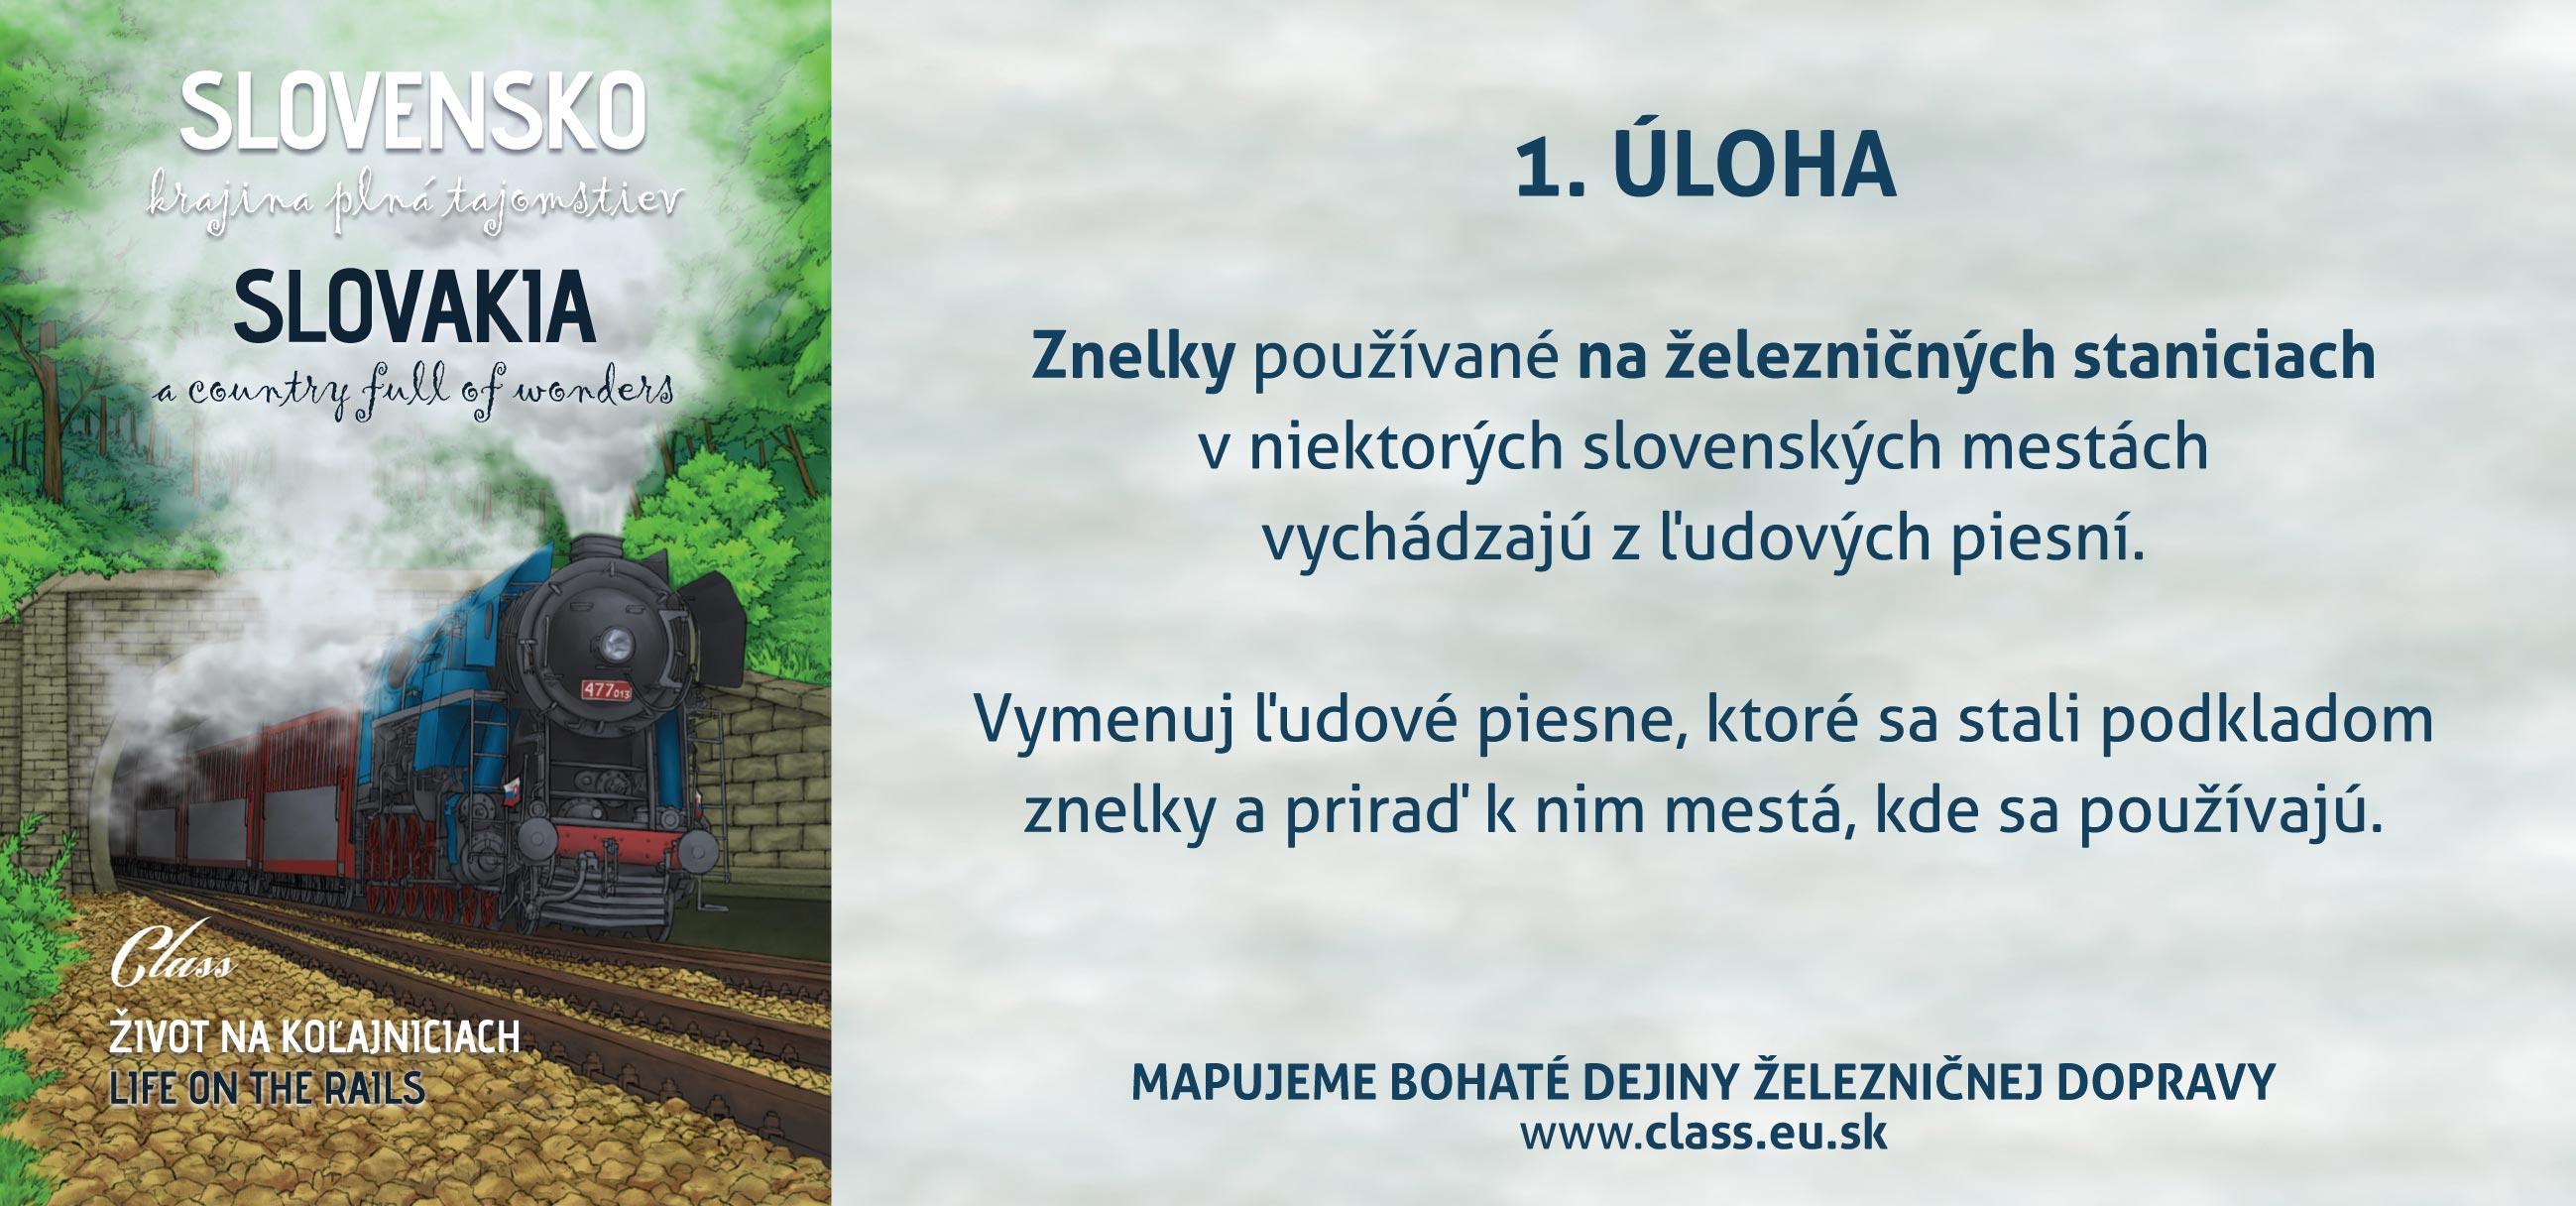 vlaky_uloha_1s